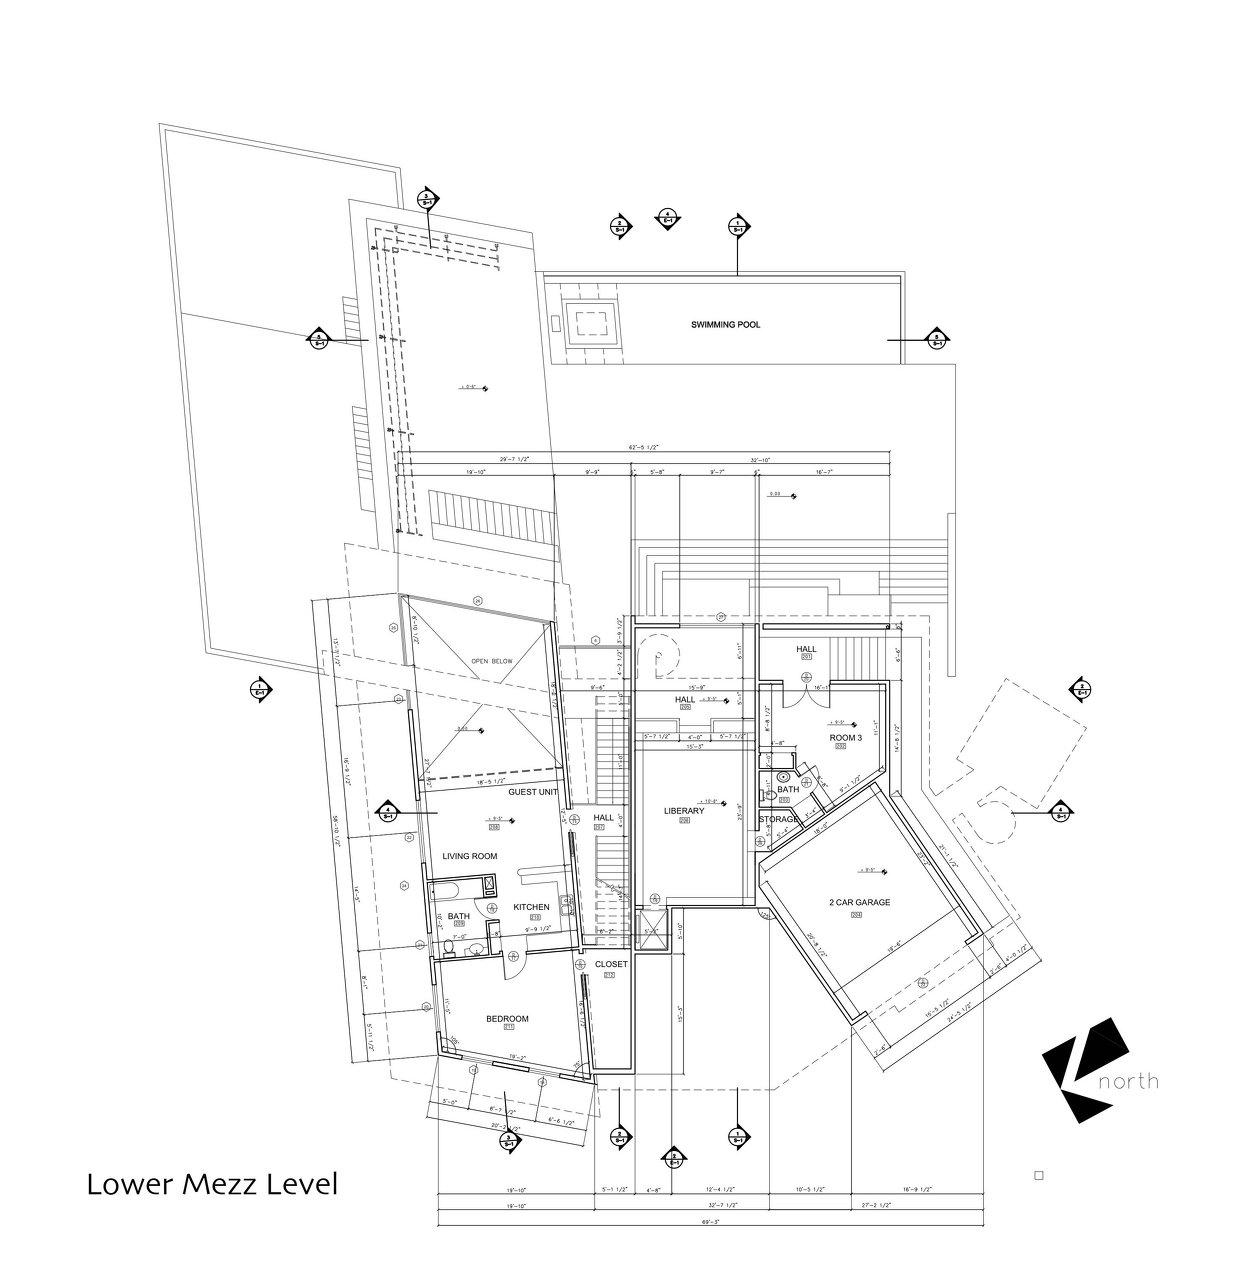 Lower Mezzanine Plan